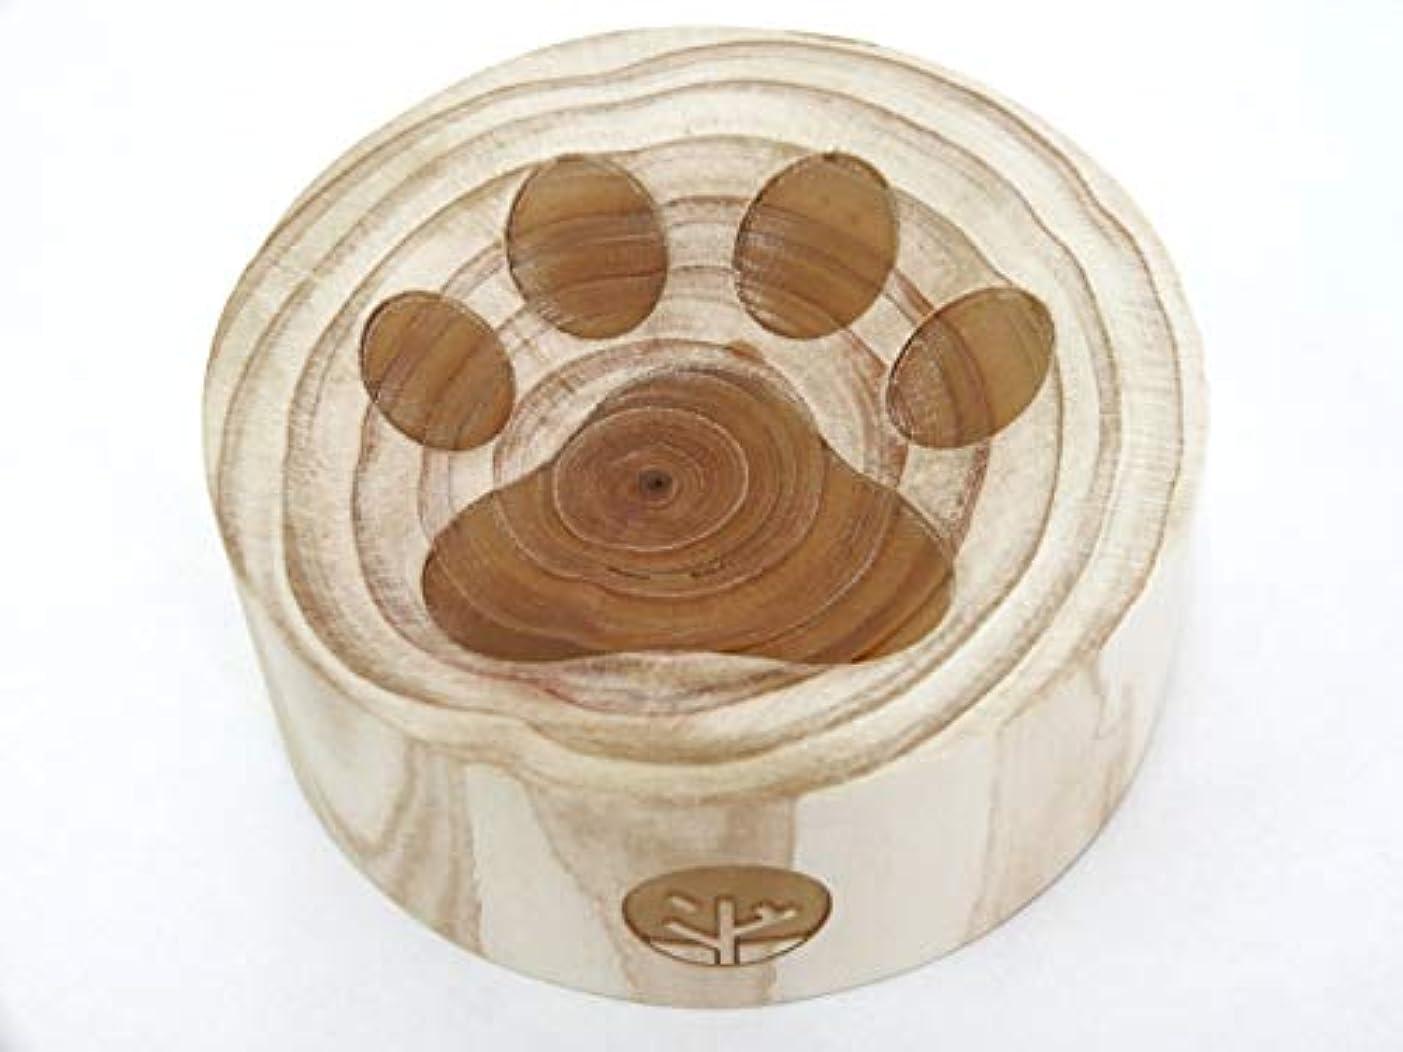 有効スコア女の子一郎木創 木製 アロマディッシュ 心持木受香器 肉球 猫 桧 TL-97-5